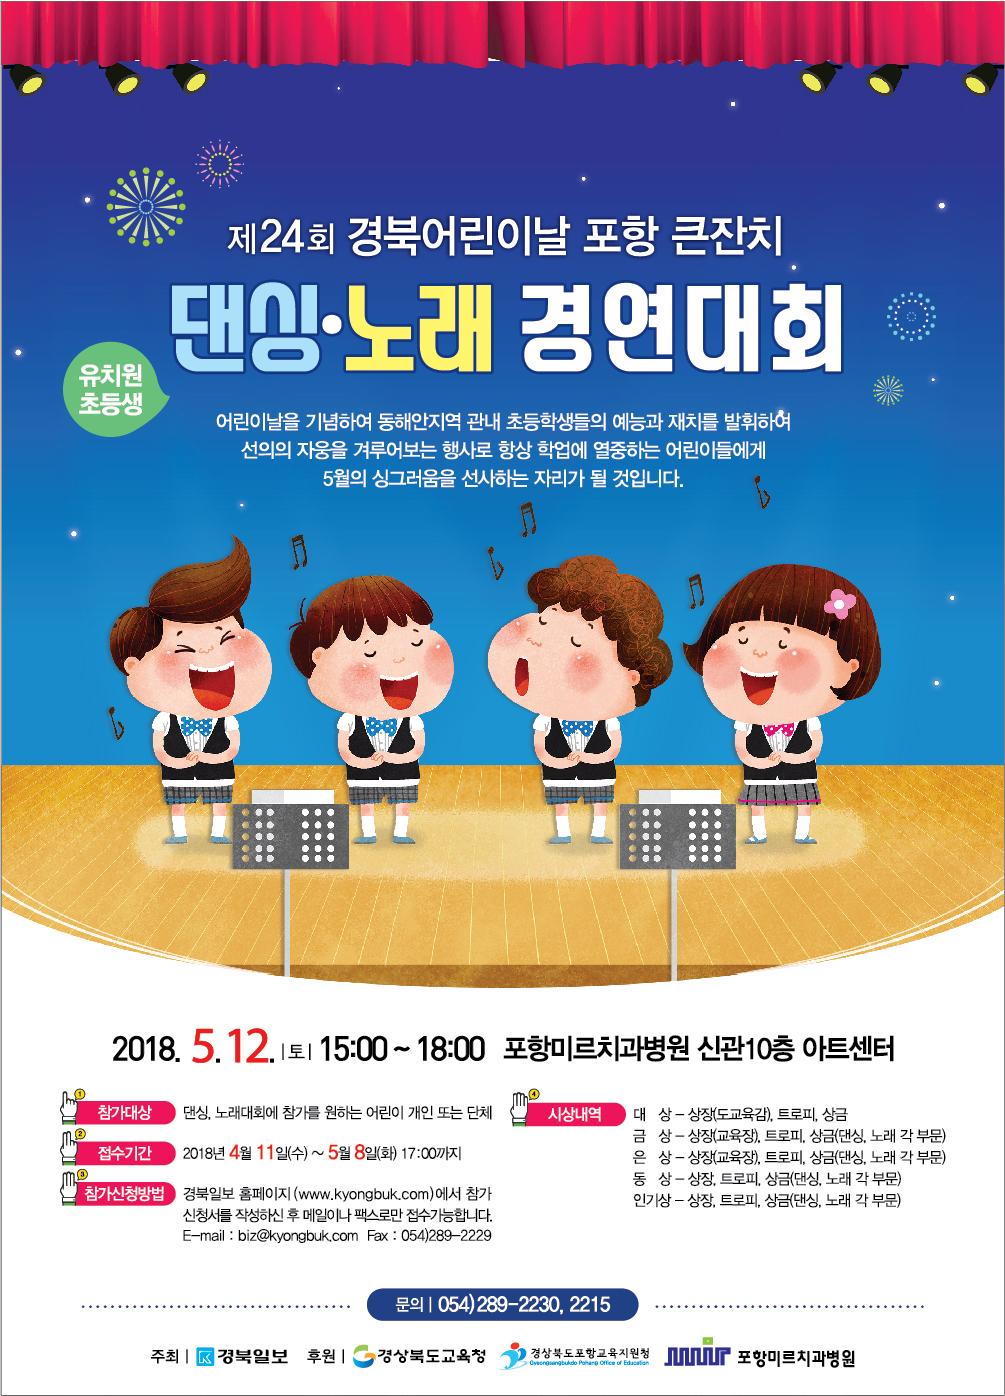 2018_제24회 경북어린이 댄싱노래 경연대회_pop.jpg